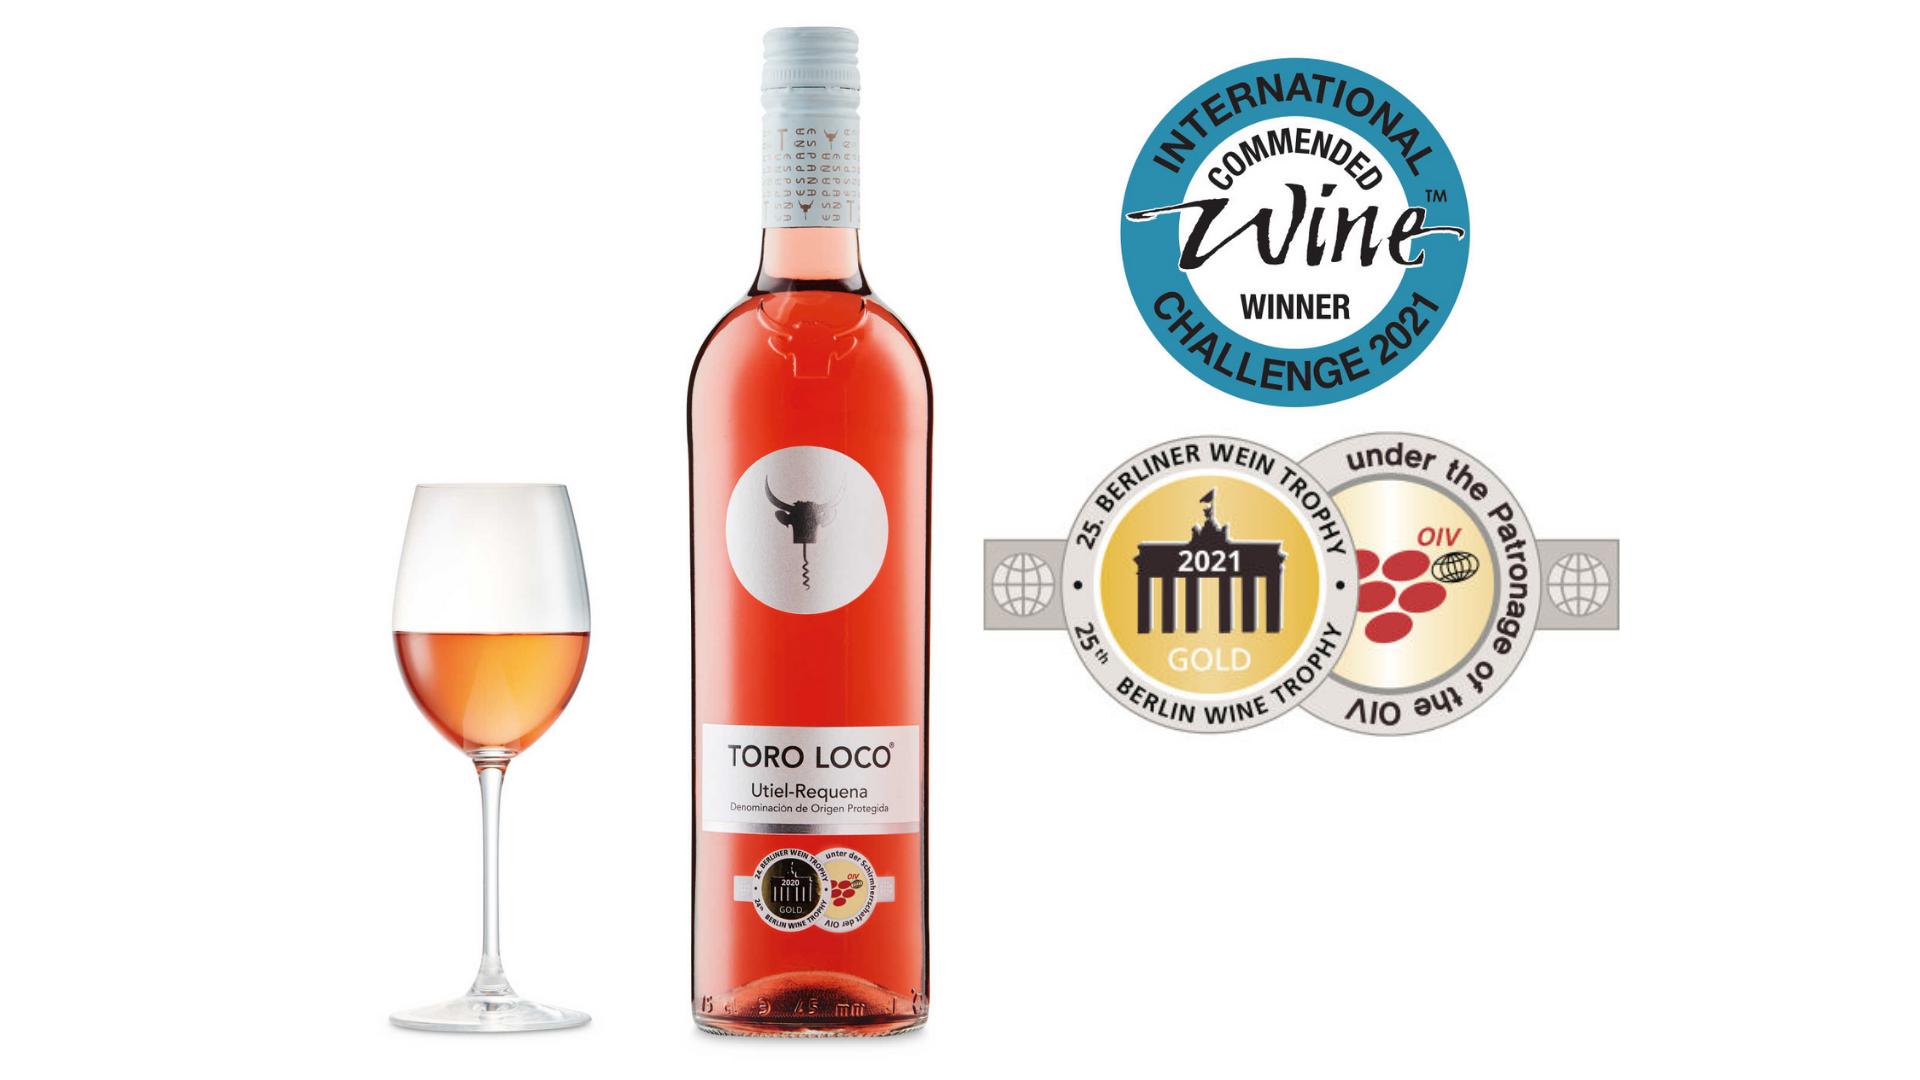 l'un des meilleurs vins bon marché - toro loco rose